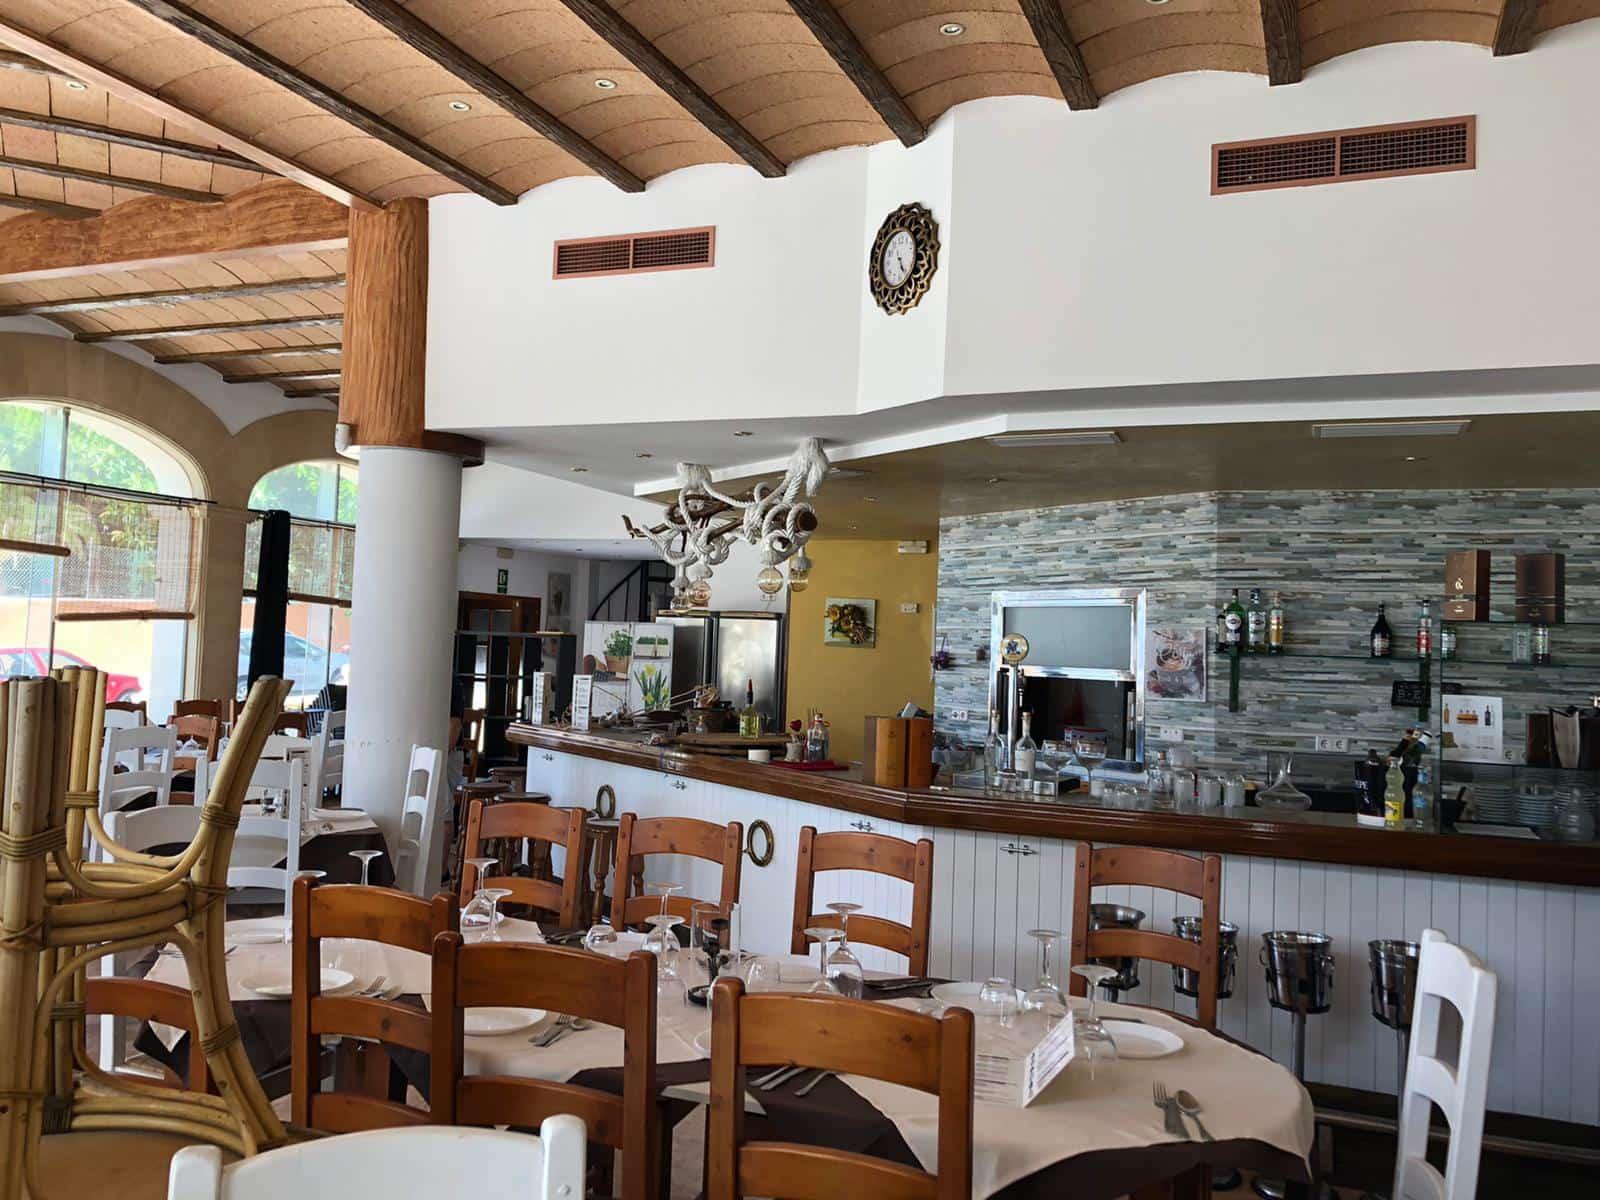 Restauracja lub bar na sprzedaż w Cala Mayor - 480 000 € (Ref: 5405480)